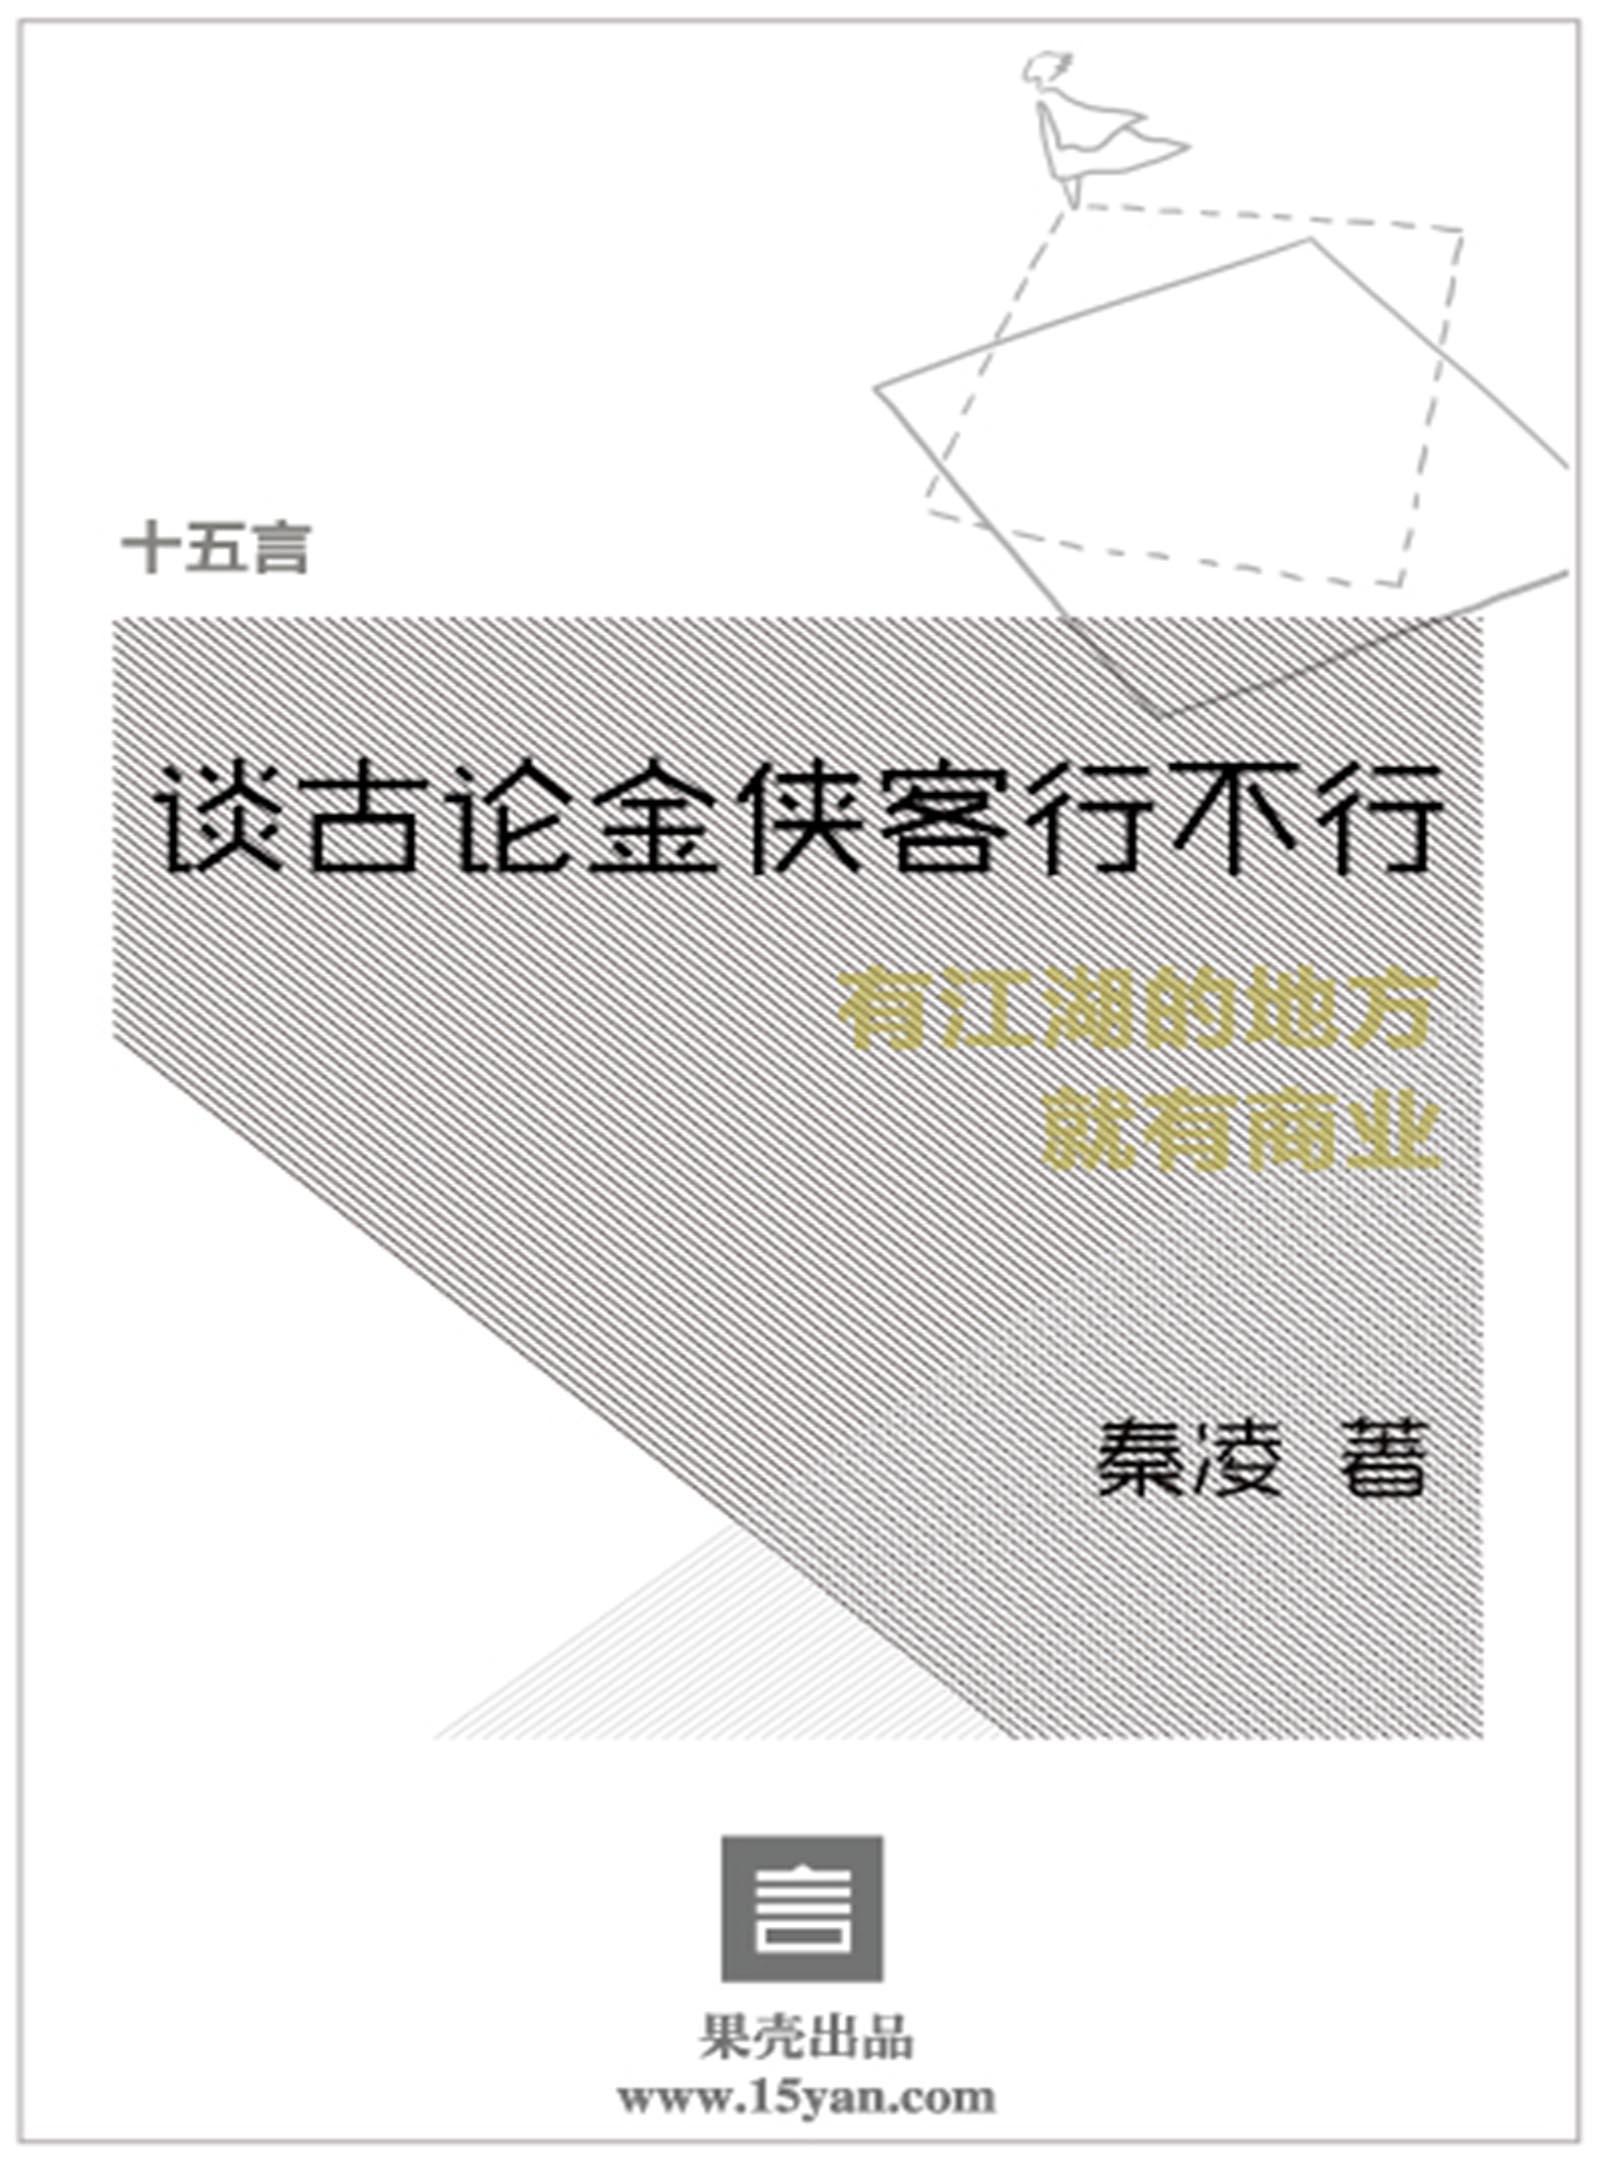 谈古论金侠客行不行·十五言秦凌文集(果壳·十五言系列)